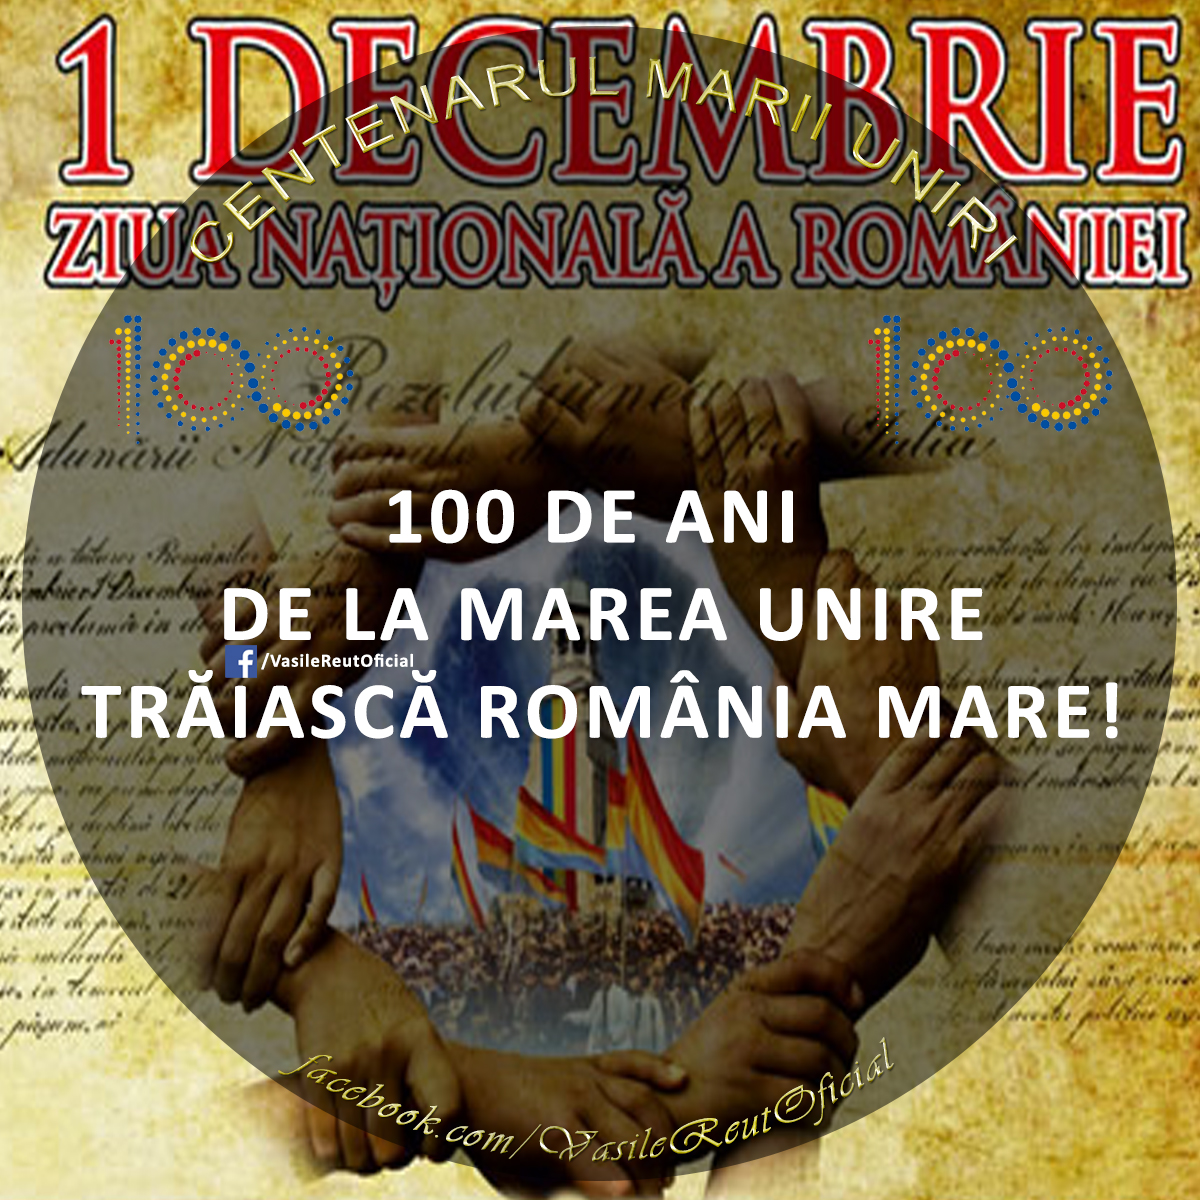 01 Decembrie 2018: Sfânta Liturghie la Straubing cu ocazia sărbătoririi Centenarului Marii Uniri